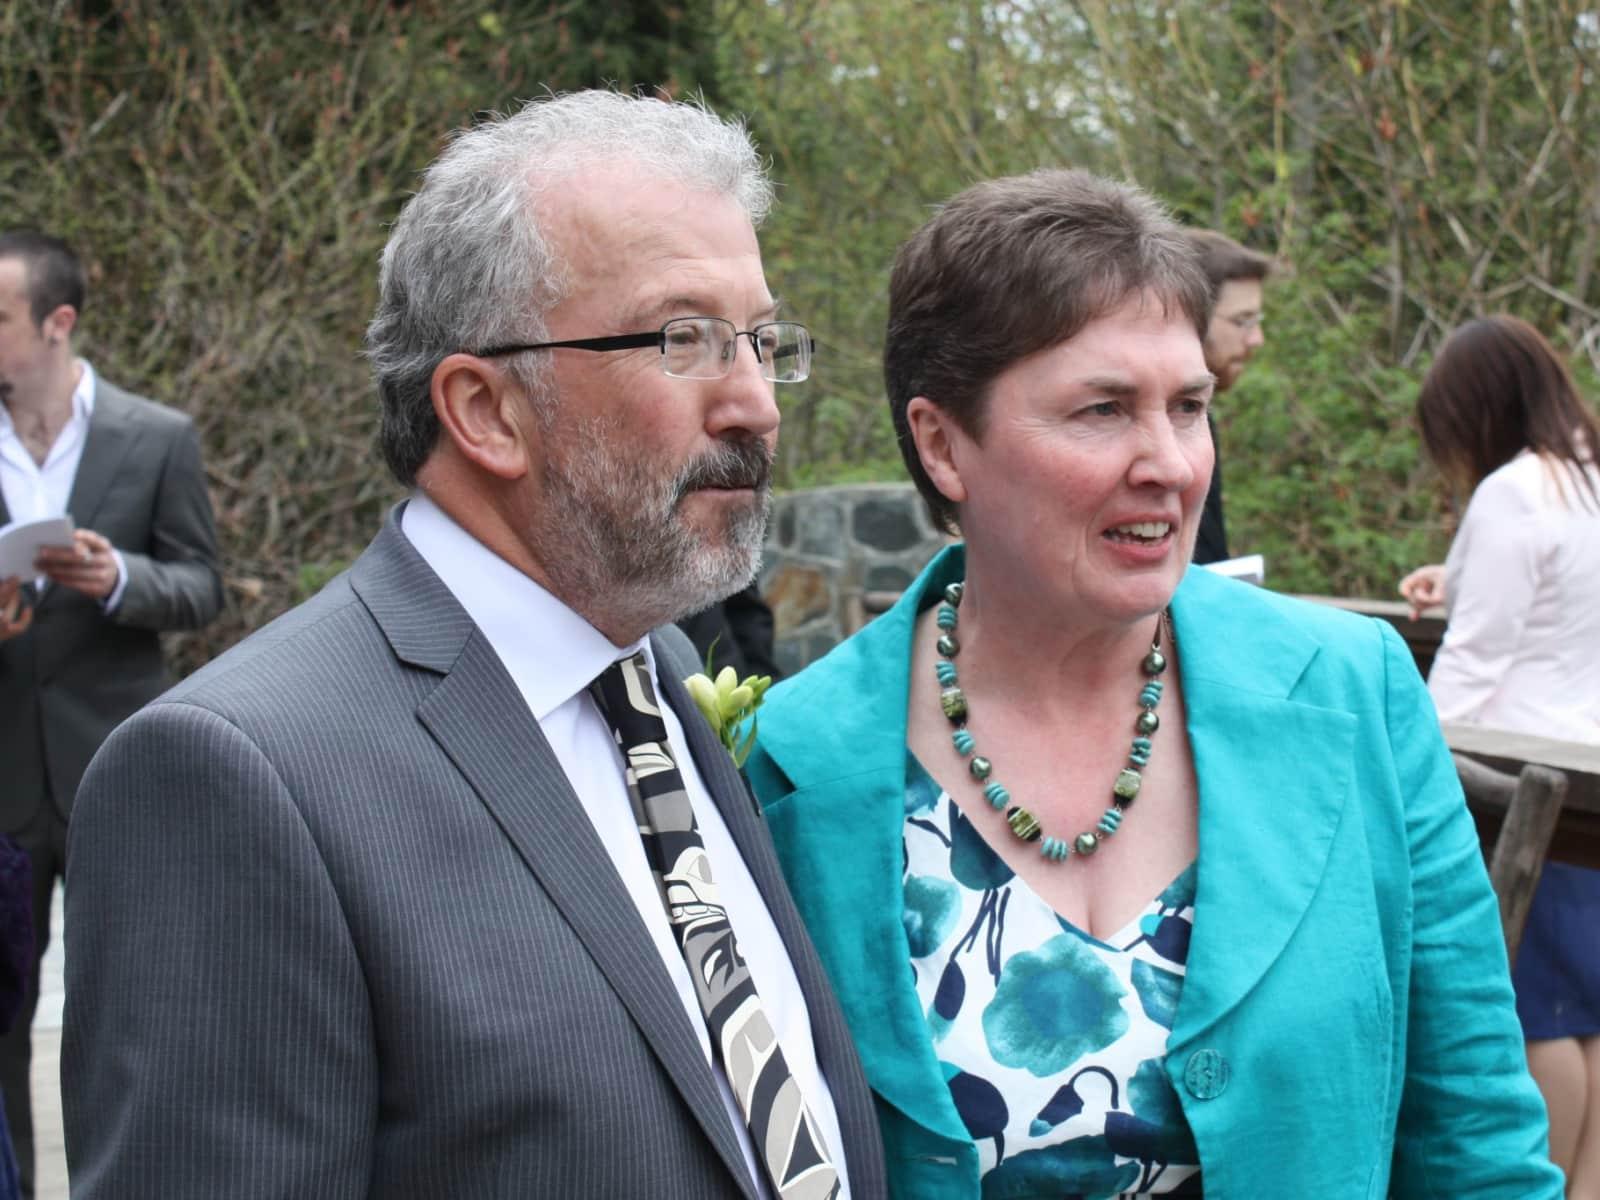 Pamela & Alan from Llansantffraid Glyn Ceiriog, United Kingdom